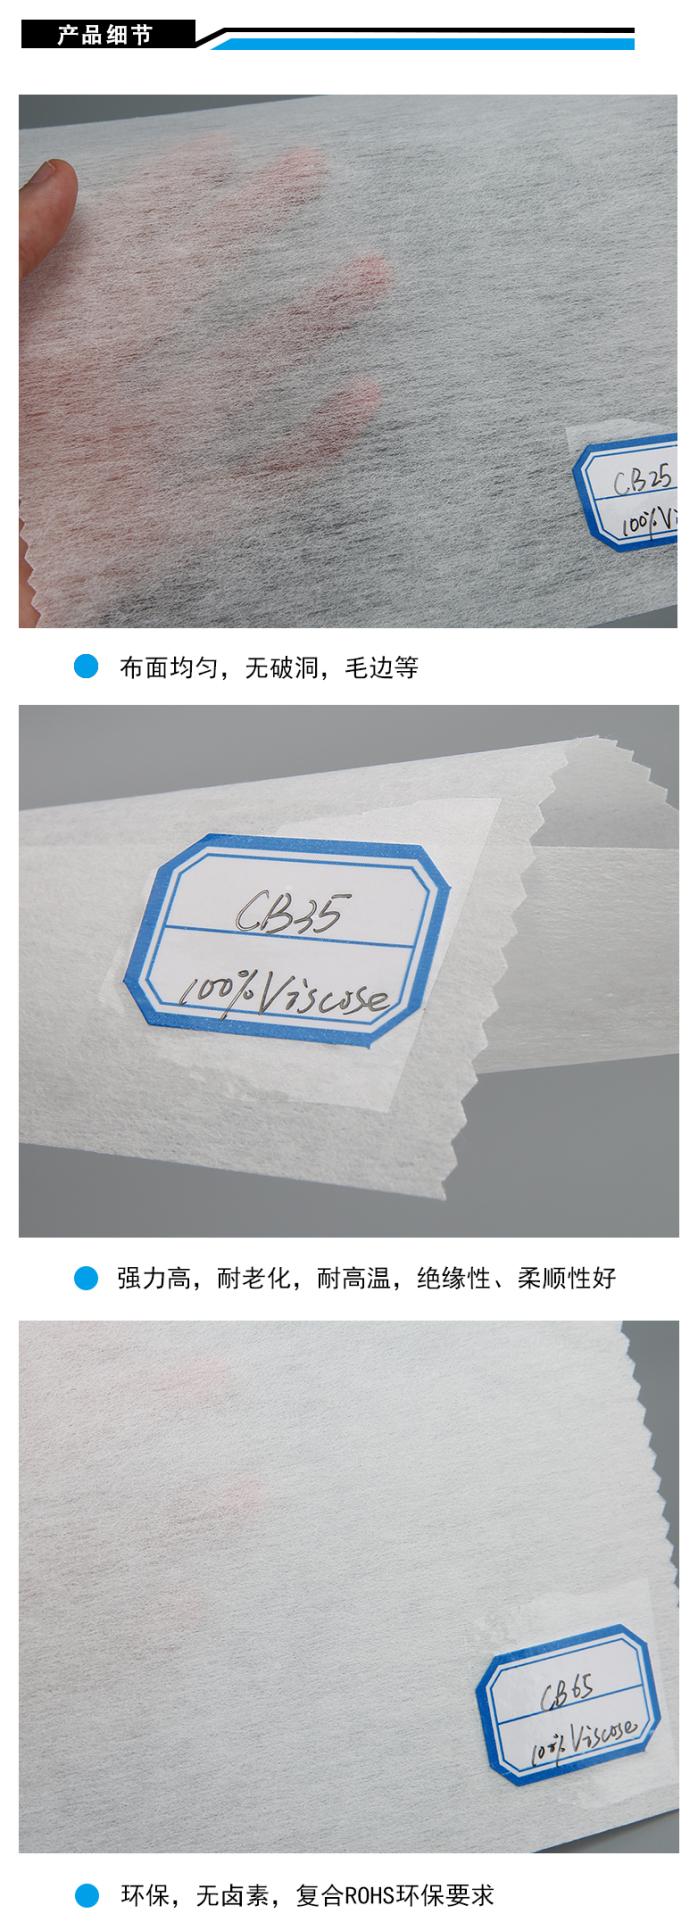 电缆中文版详情页_02.jpg